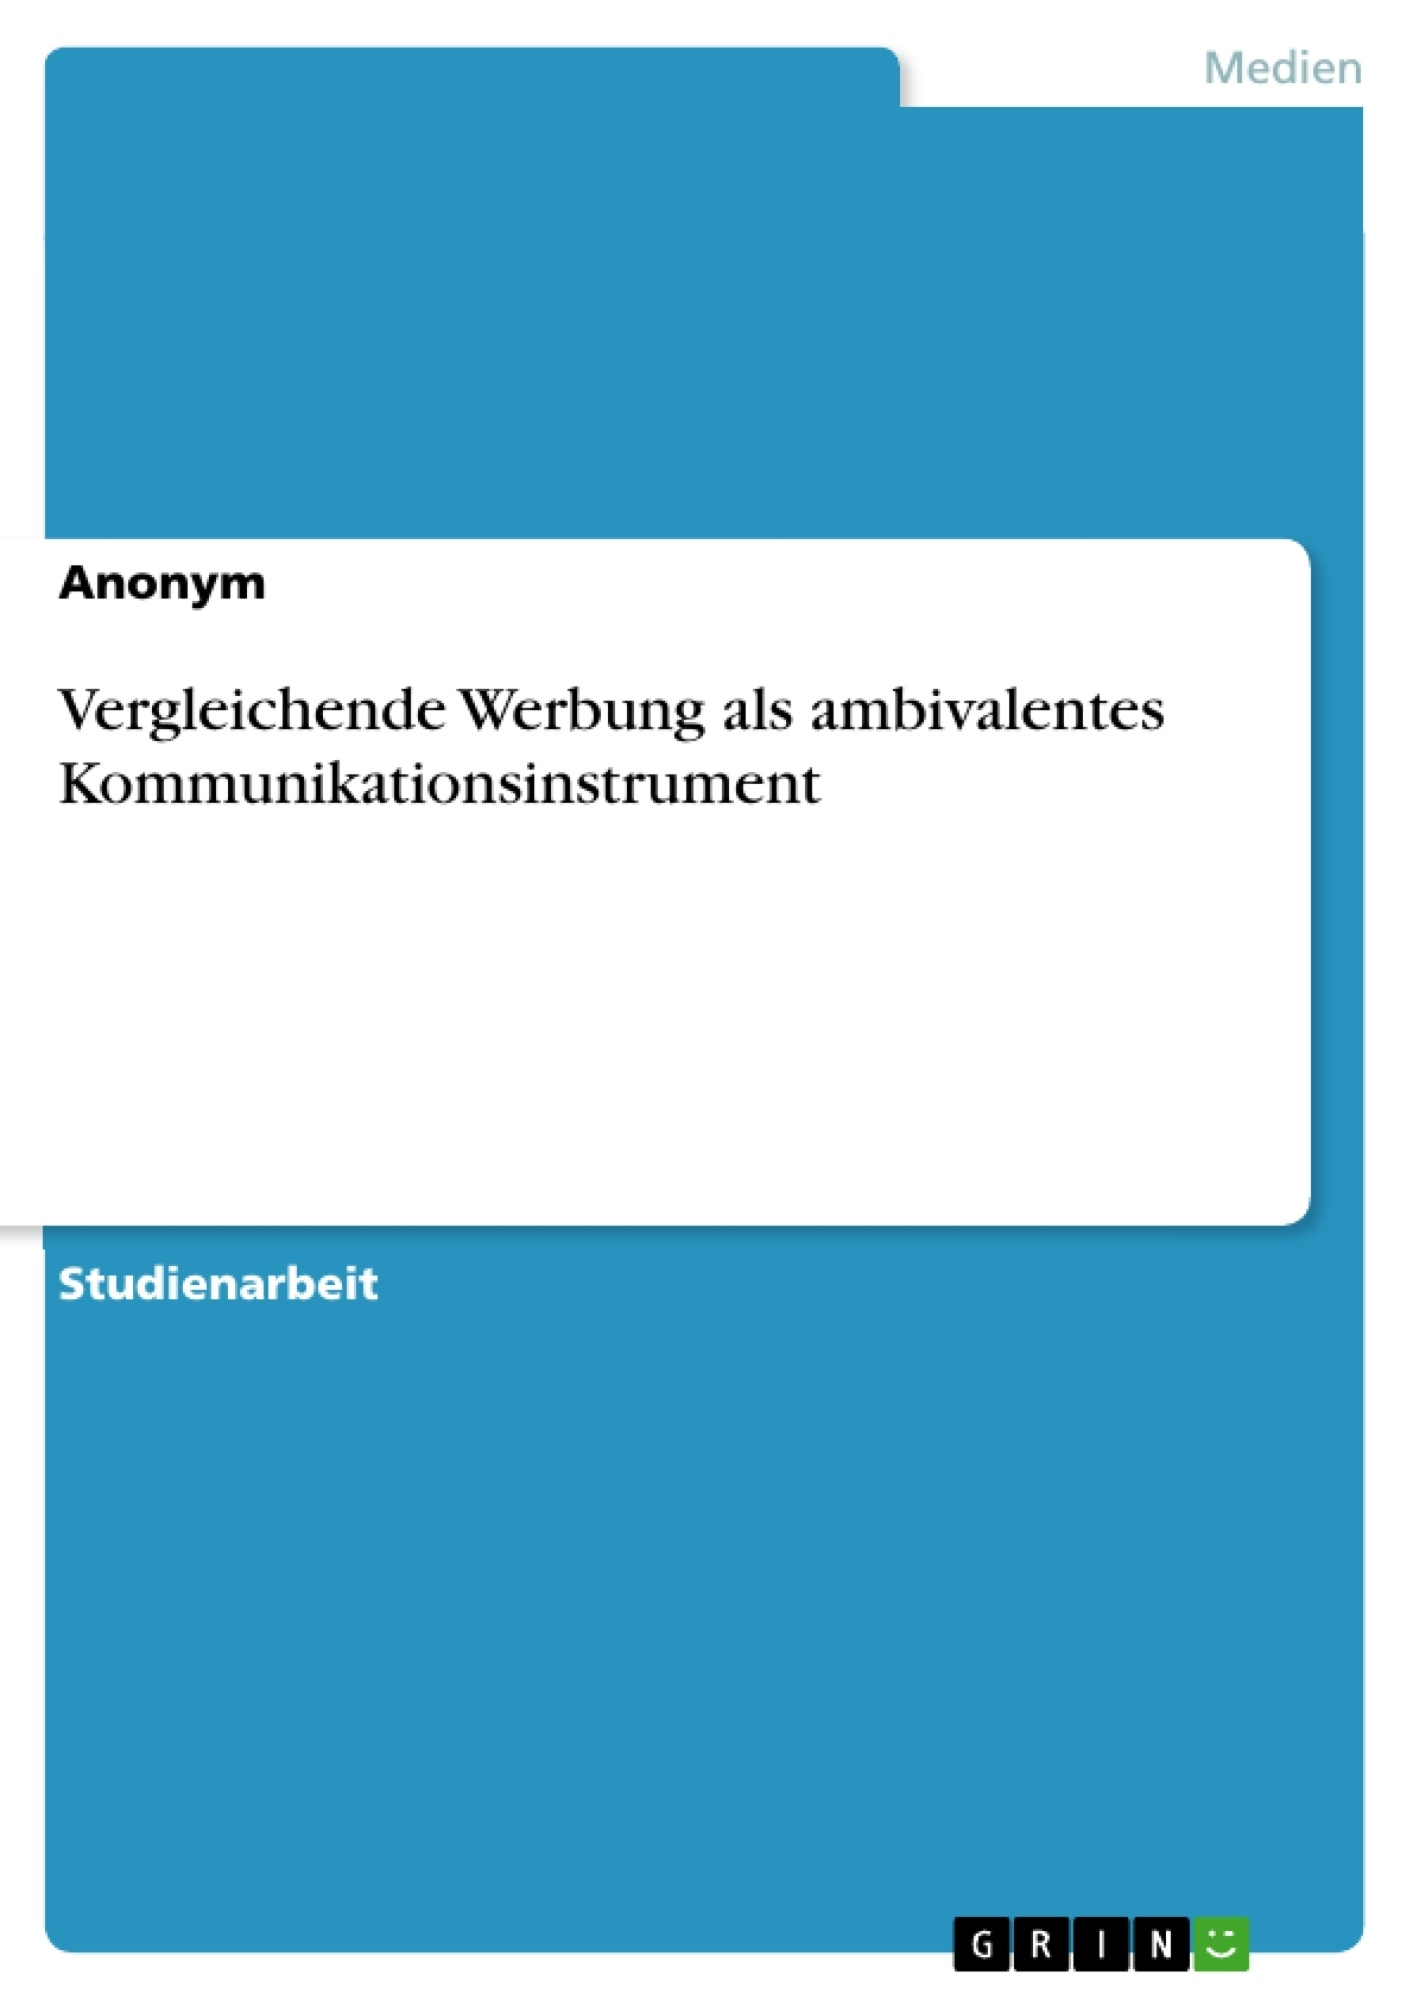 Titel: Vergleichende Werbung  als ambivalentes Kommunikationsinstrument